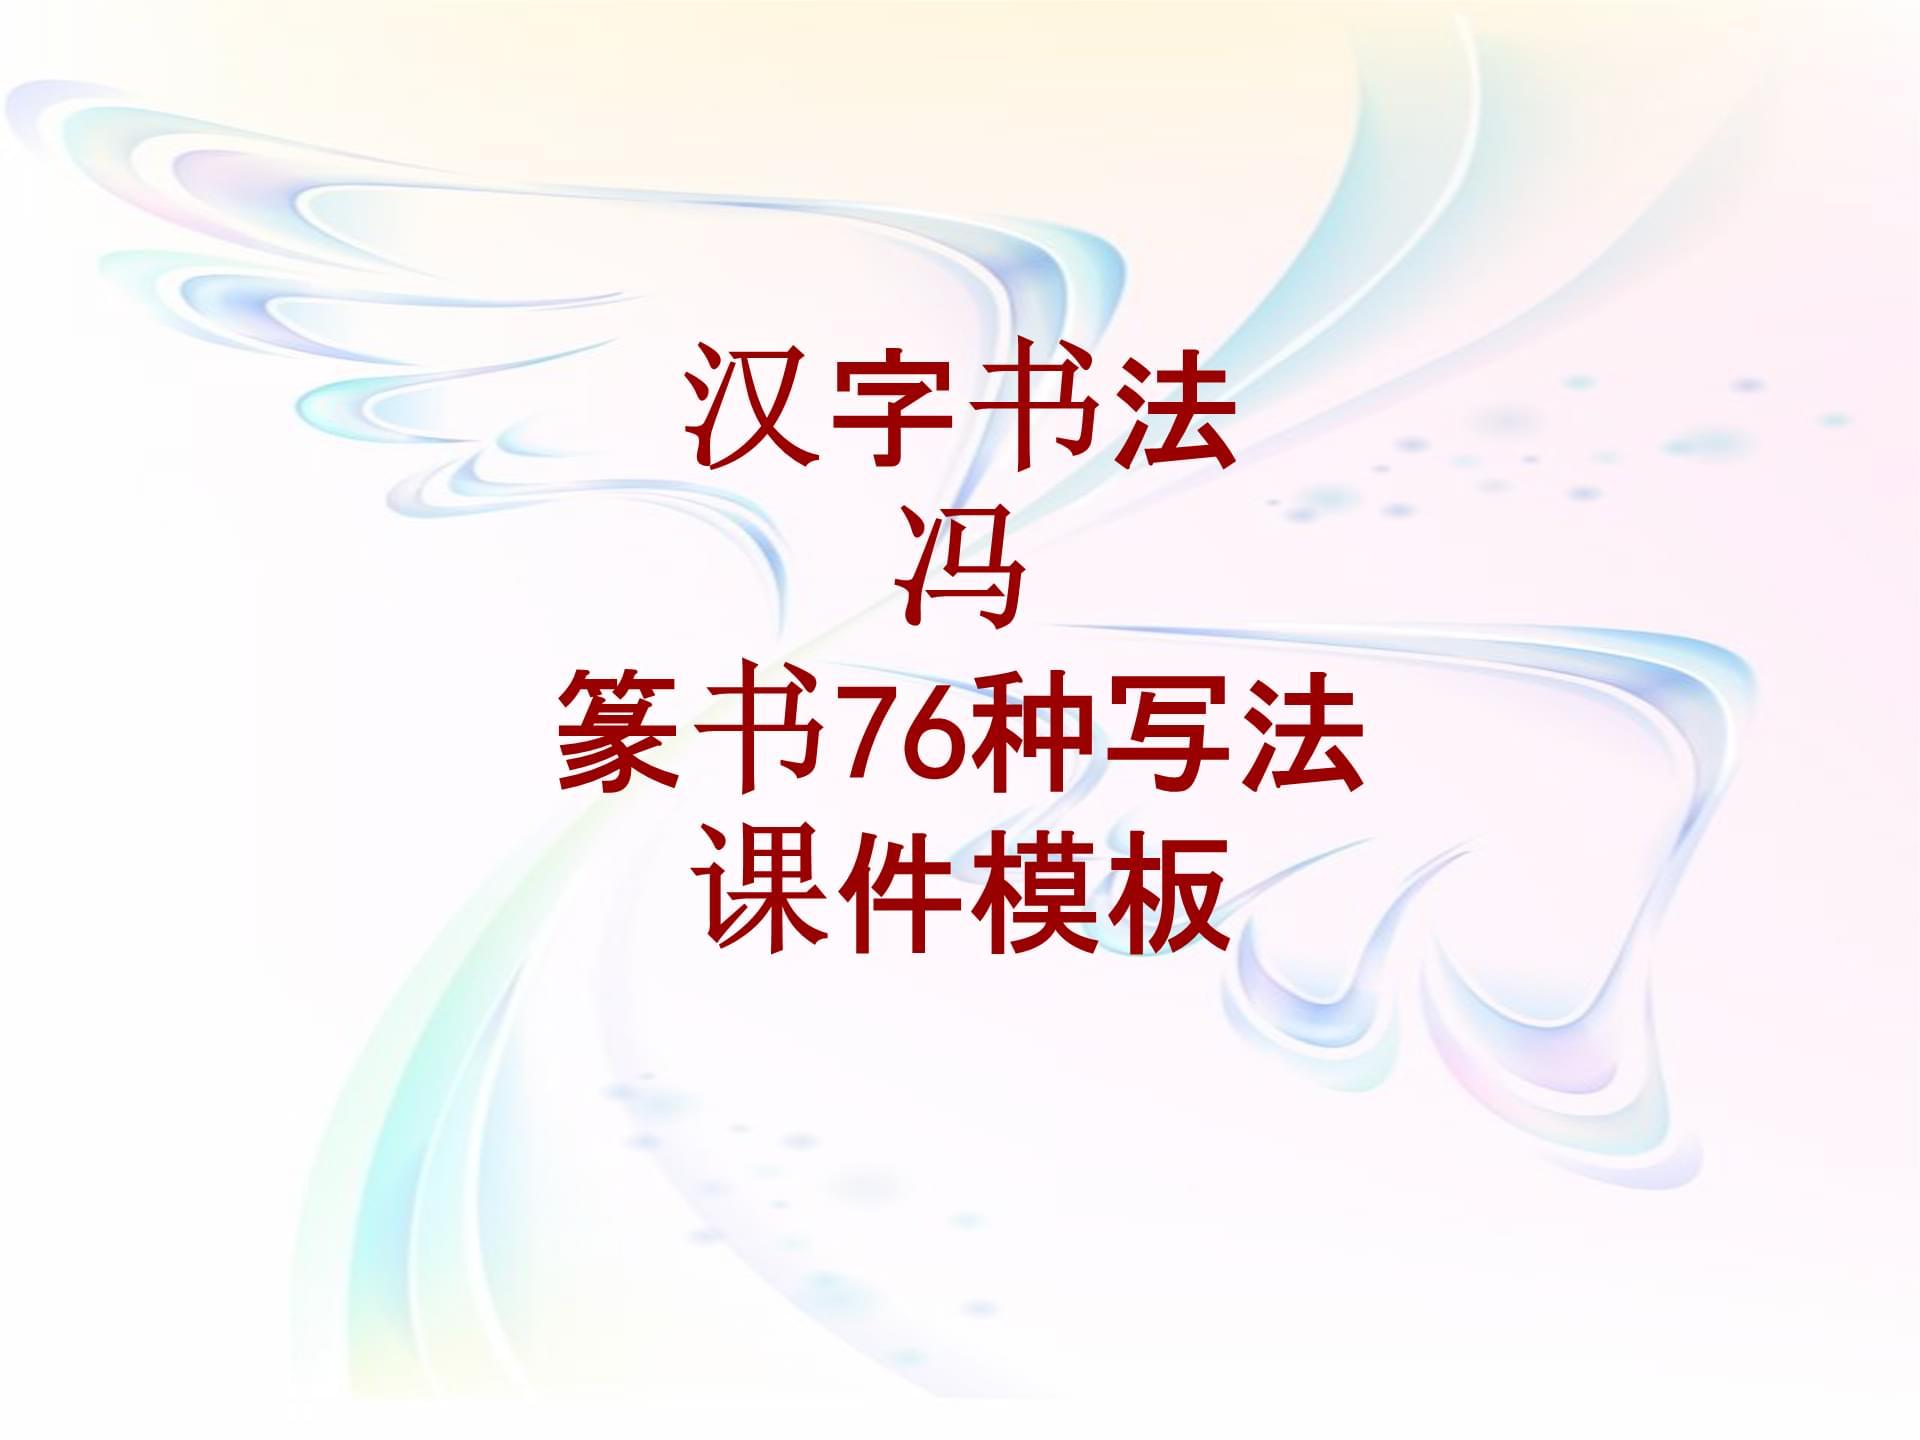 汉字书法课件模板:冯_篆书76种写法.ppt